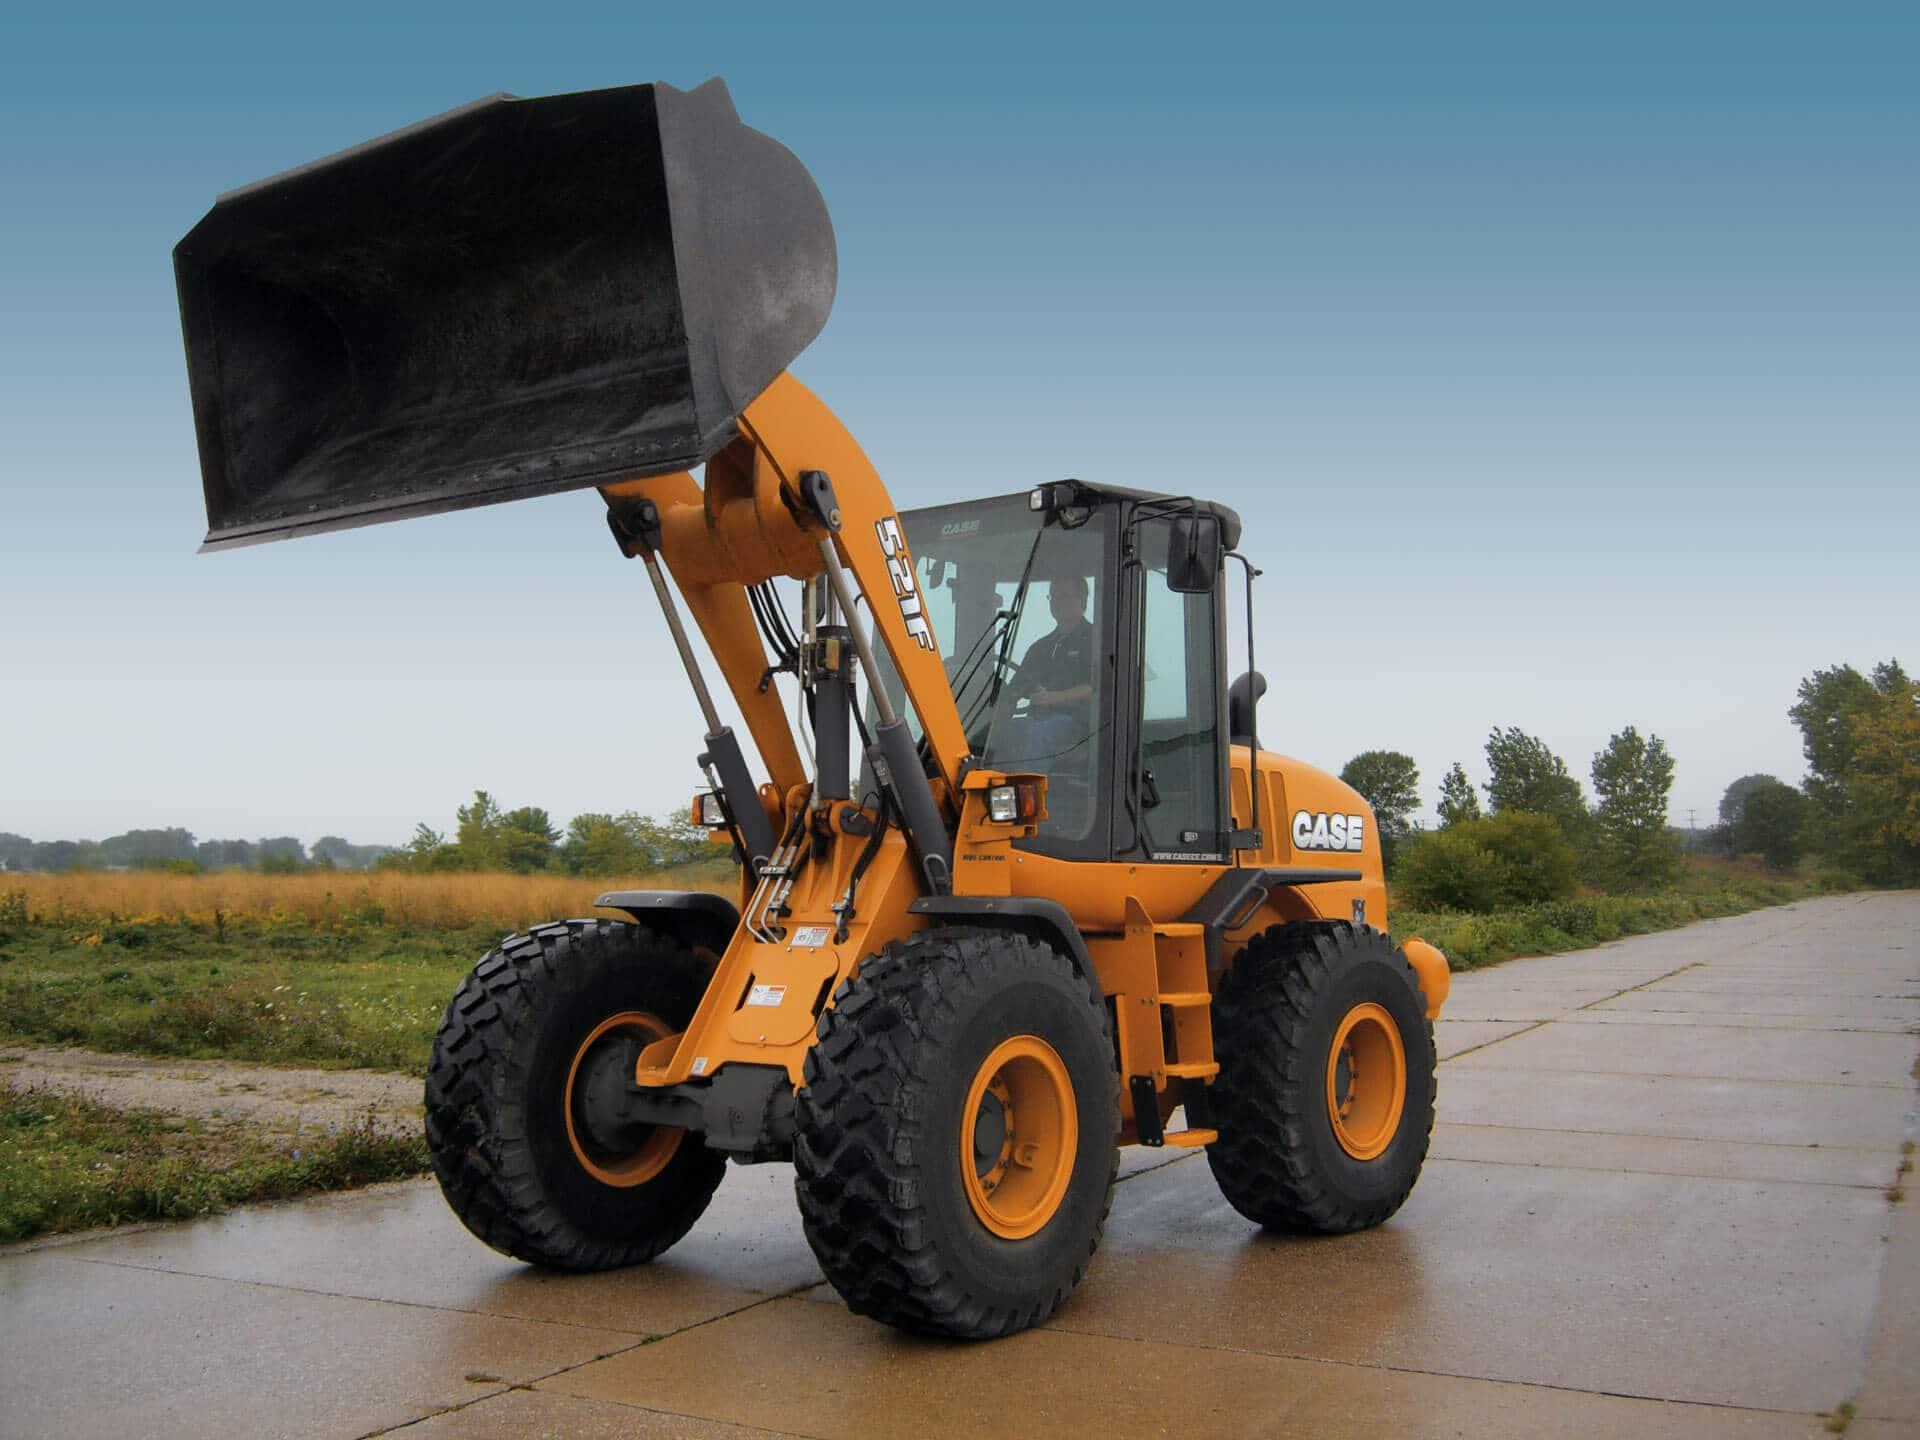 Case Loader Parts : Case f wheel loader construction equipment